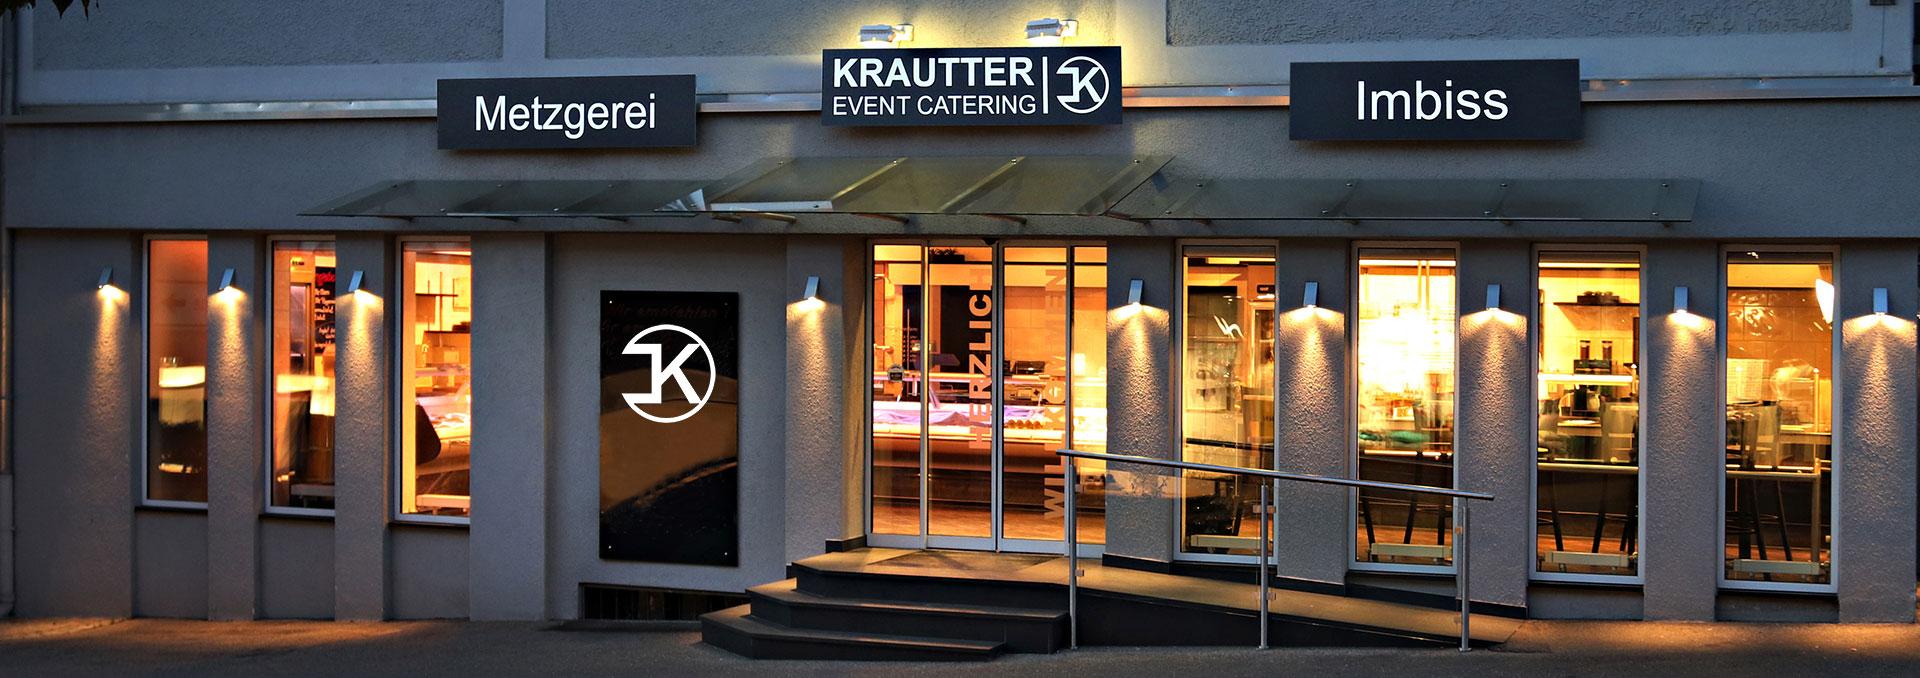 Geschichte Krautter Eventcatering